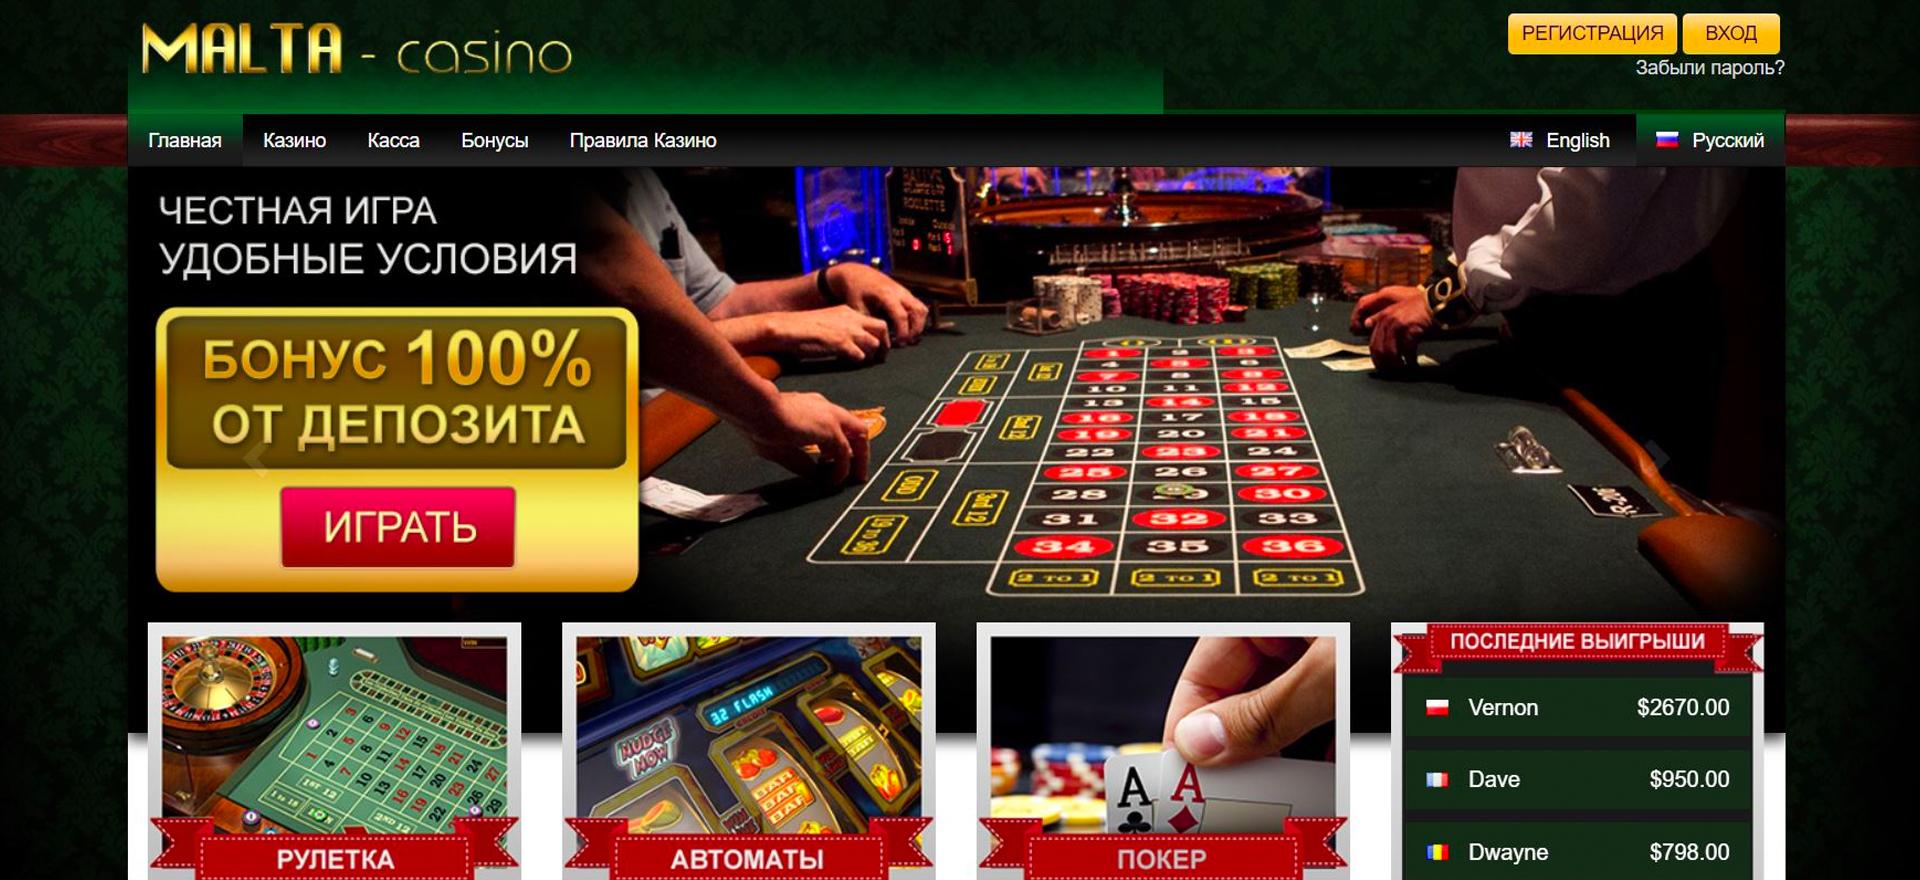 Шахрайське онлайн-казино